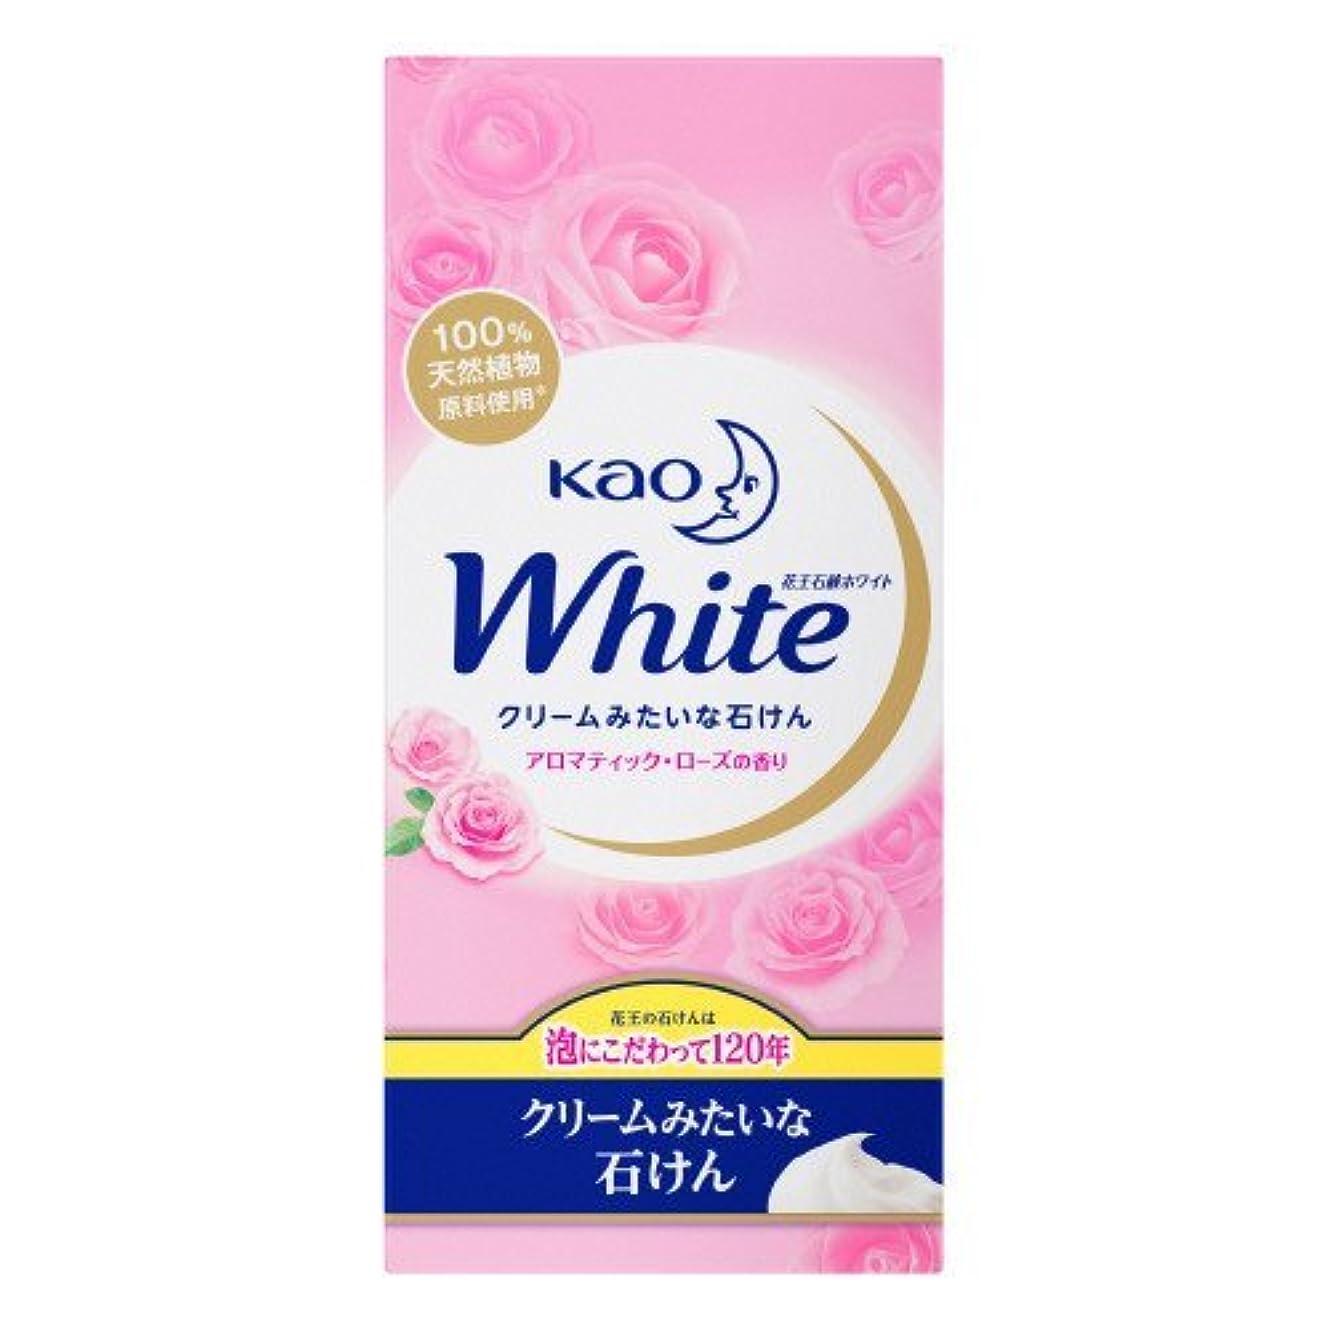 圧縮ロンドン爆発【花王】花王ホワイト アロマティックローズの香りレギュラーサイズ (85g×6個) ×20個セット